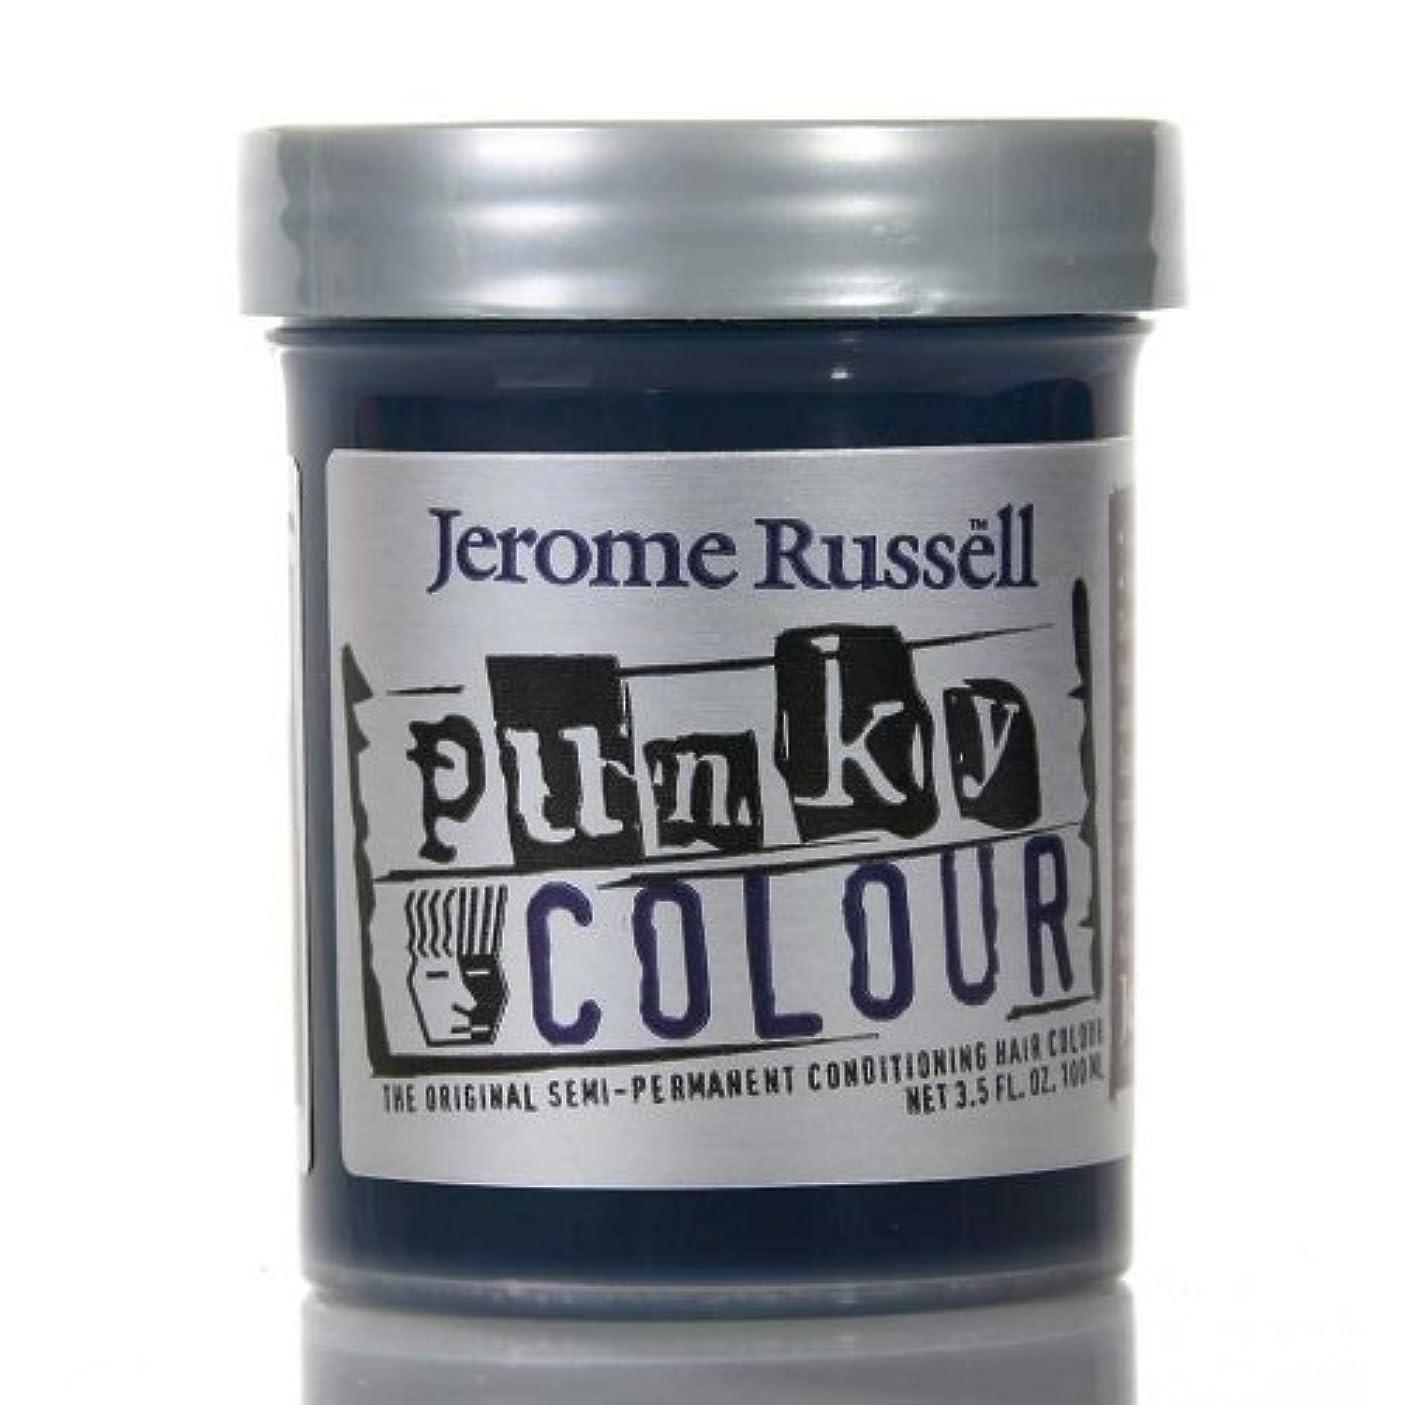 ピクニックをする近似難しいJEROME RUSSELL Punky Color Semi-Permanent Conditioning Hair Color - Midnight Blue (並行輸入品)